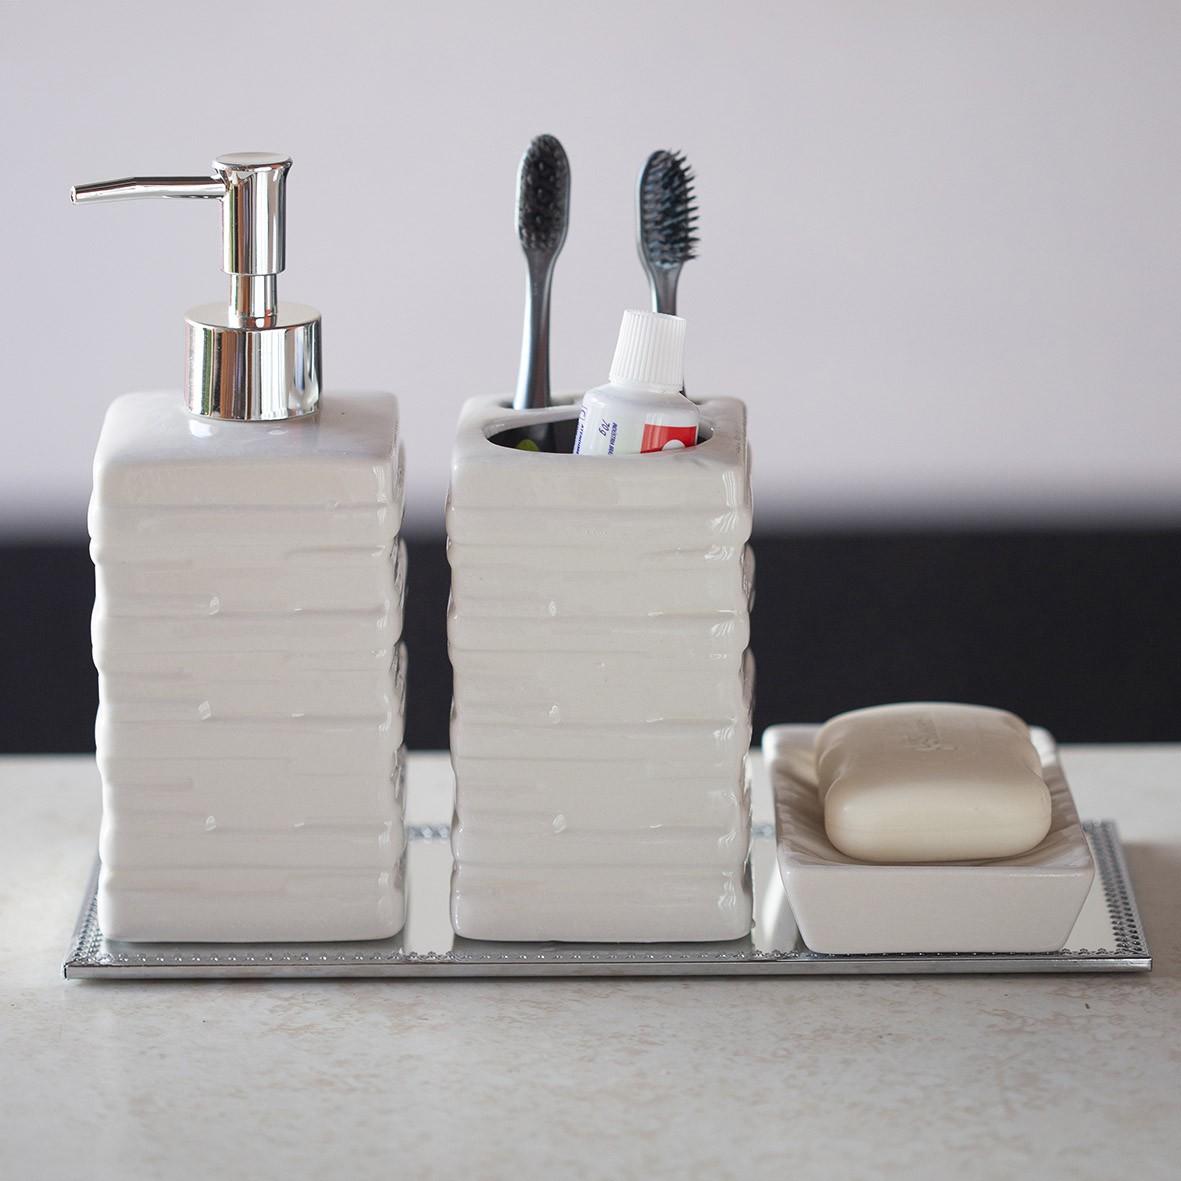 Kit para Banheiro 3 peças Branco Quadrado com Base Espelhada